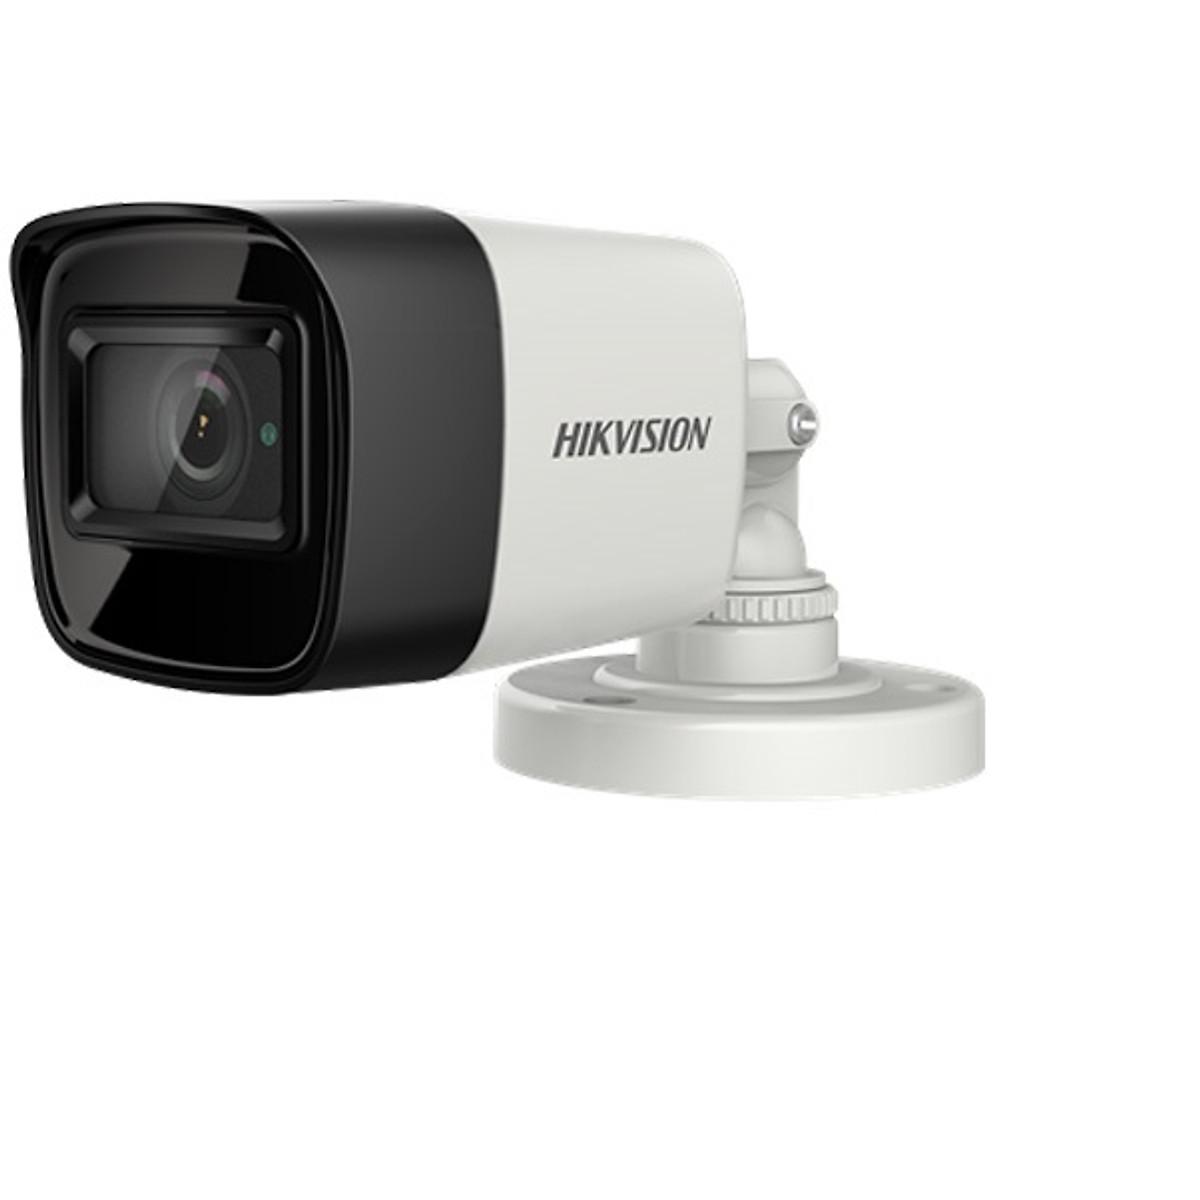 Camera HD-TVI Trụ Hồng Ngoại 2MP Chống Ngược Sáng HIKVISION DS-2CE16D3T-ITPF - Hàng chính hãng